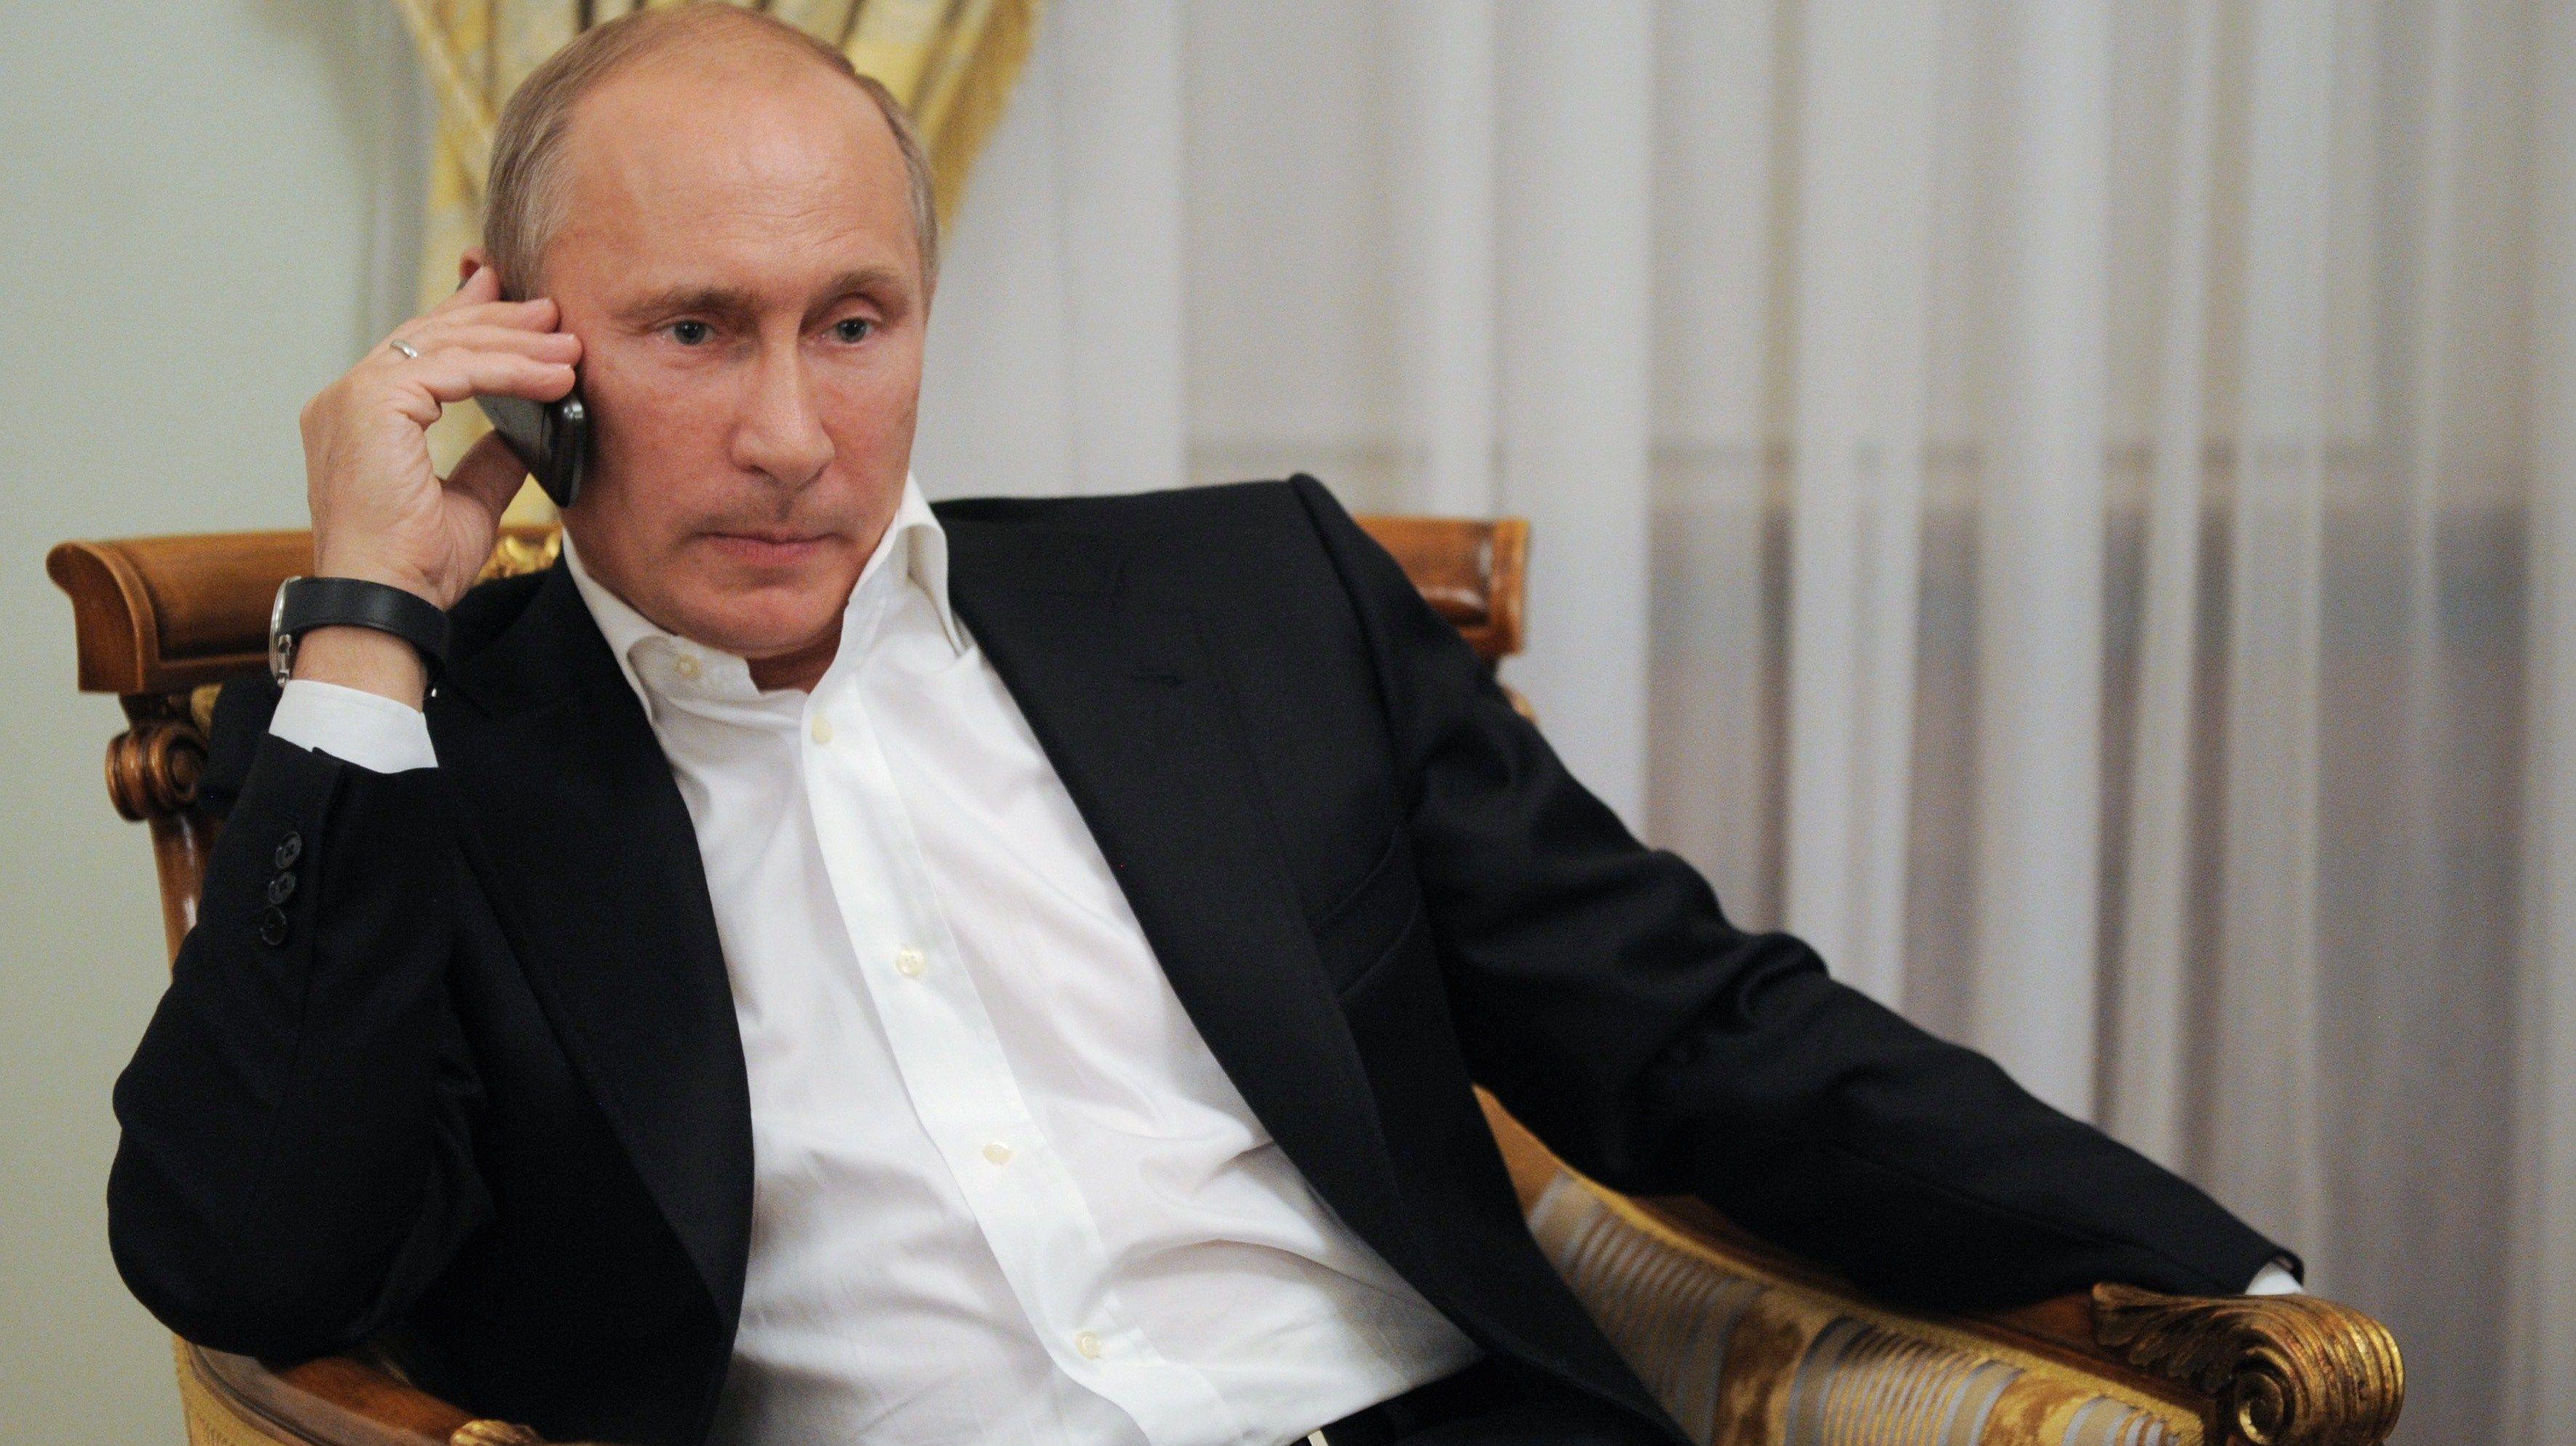 Владимир Путин во время телефонного разговора.